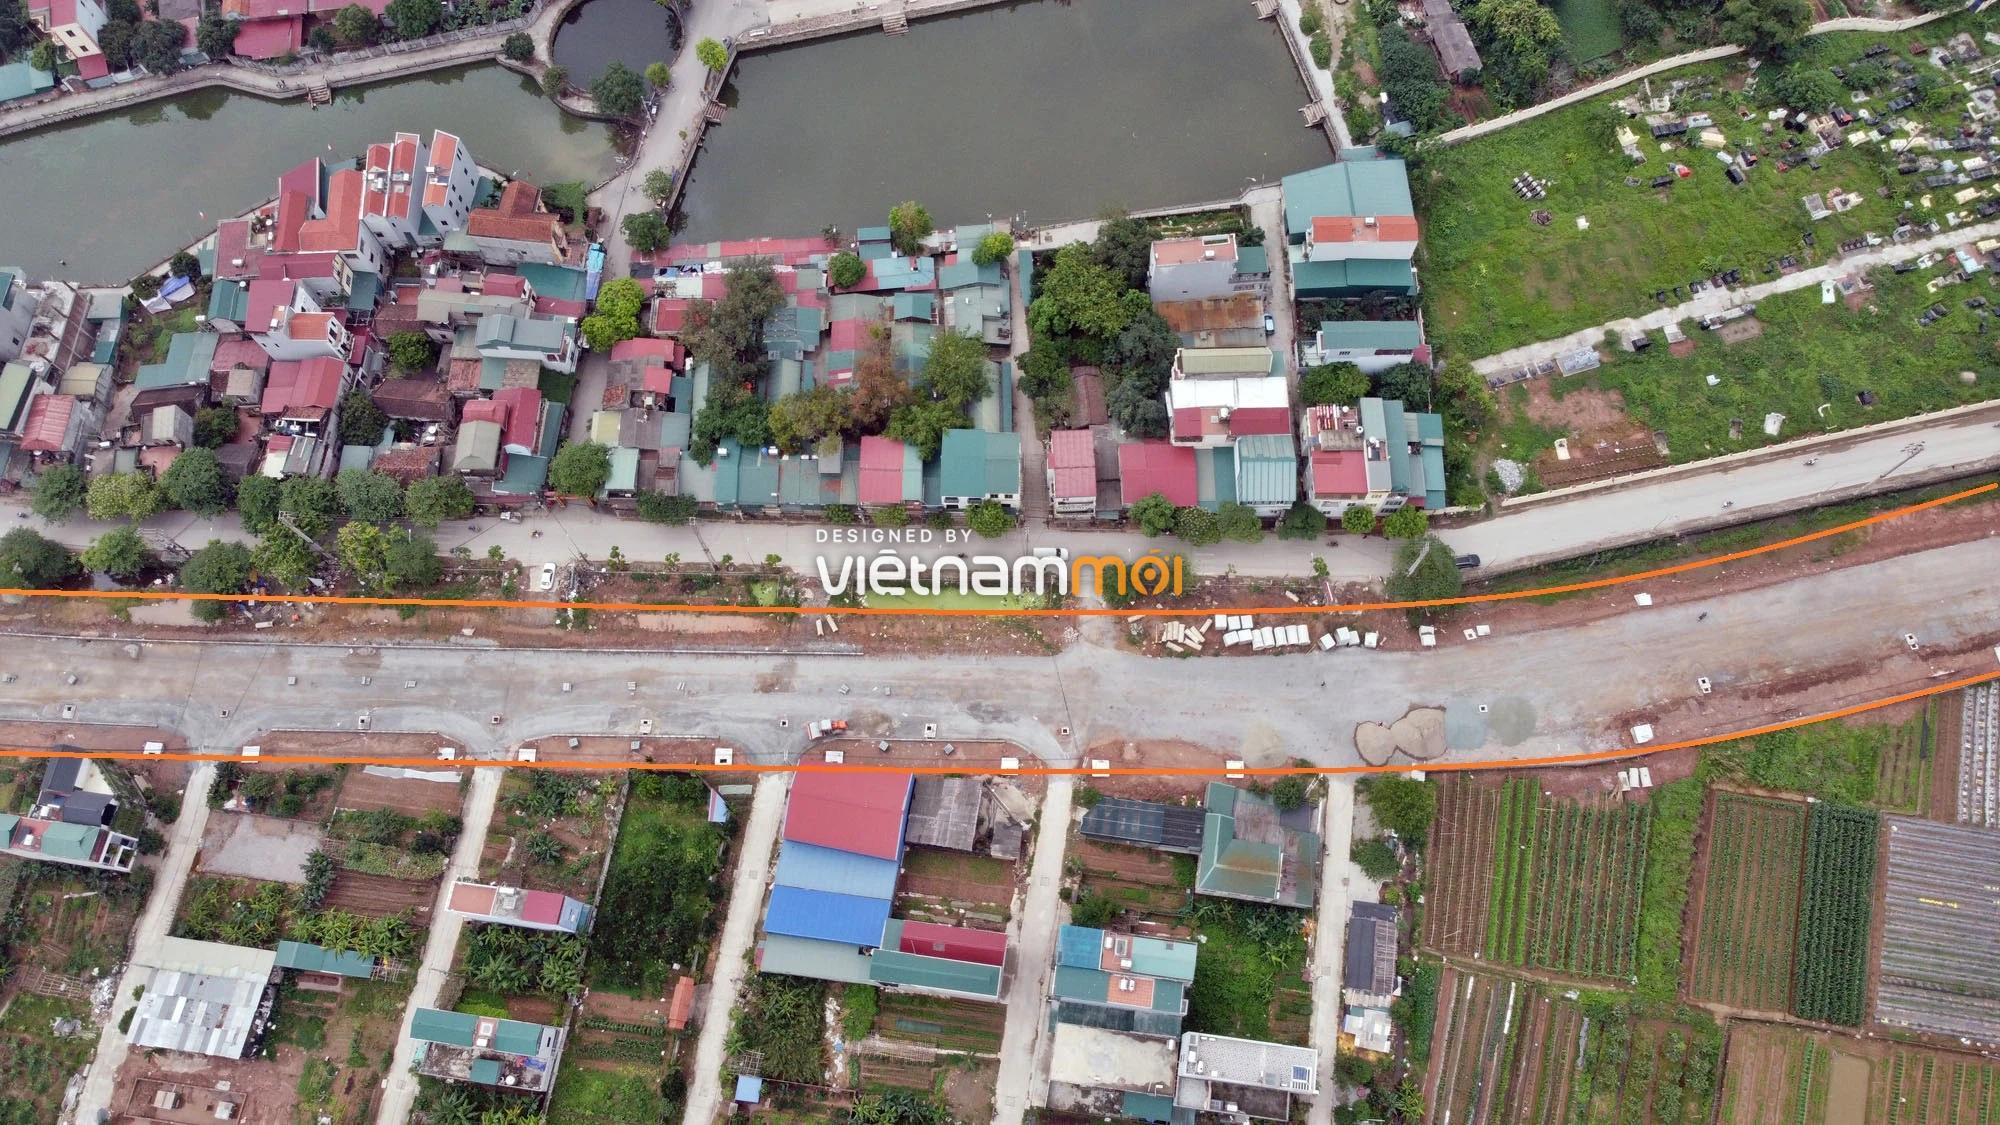 Toàn cảnh đường Lại Yên - Vân Canh đang mở theo quy hoạch ở Hà Nội - Ảnh 5.